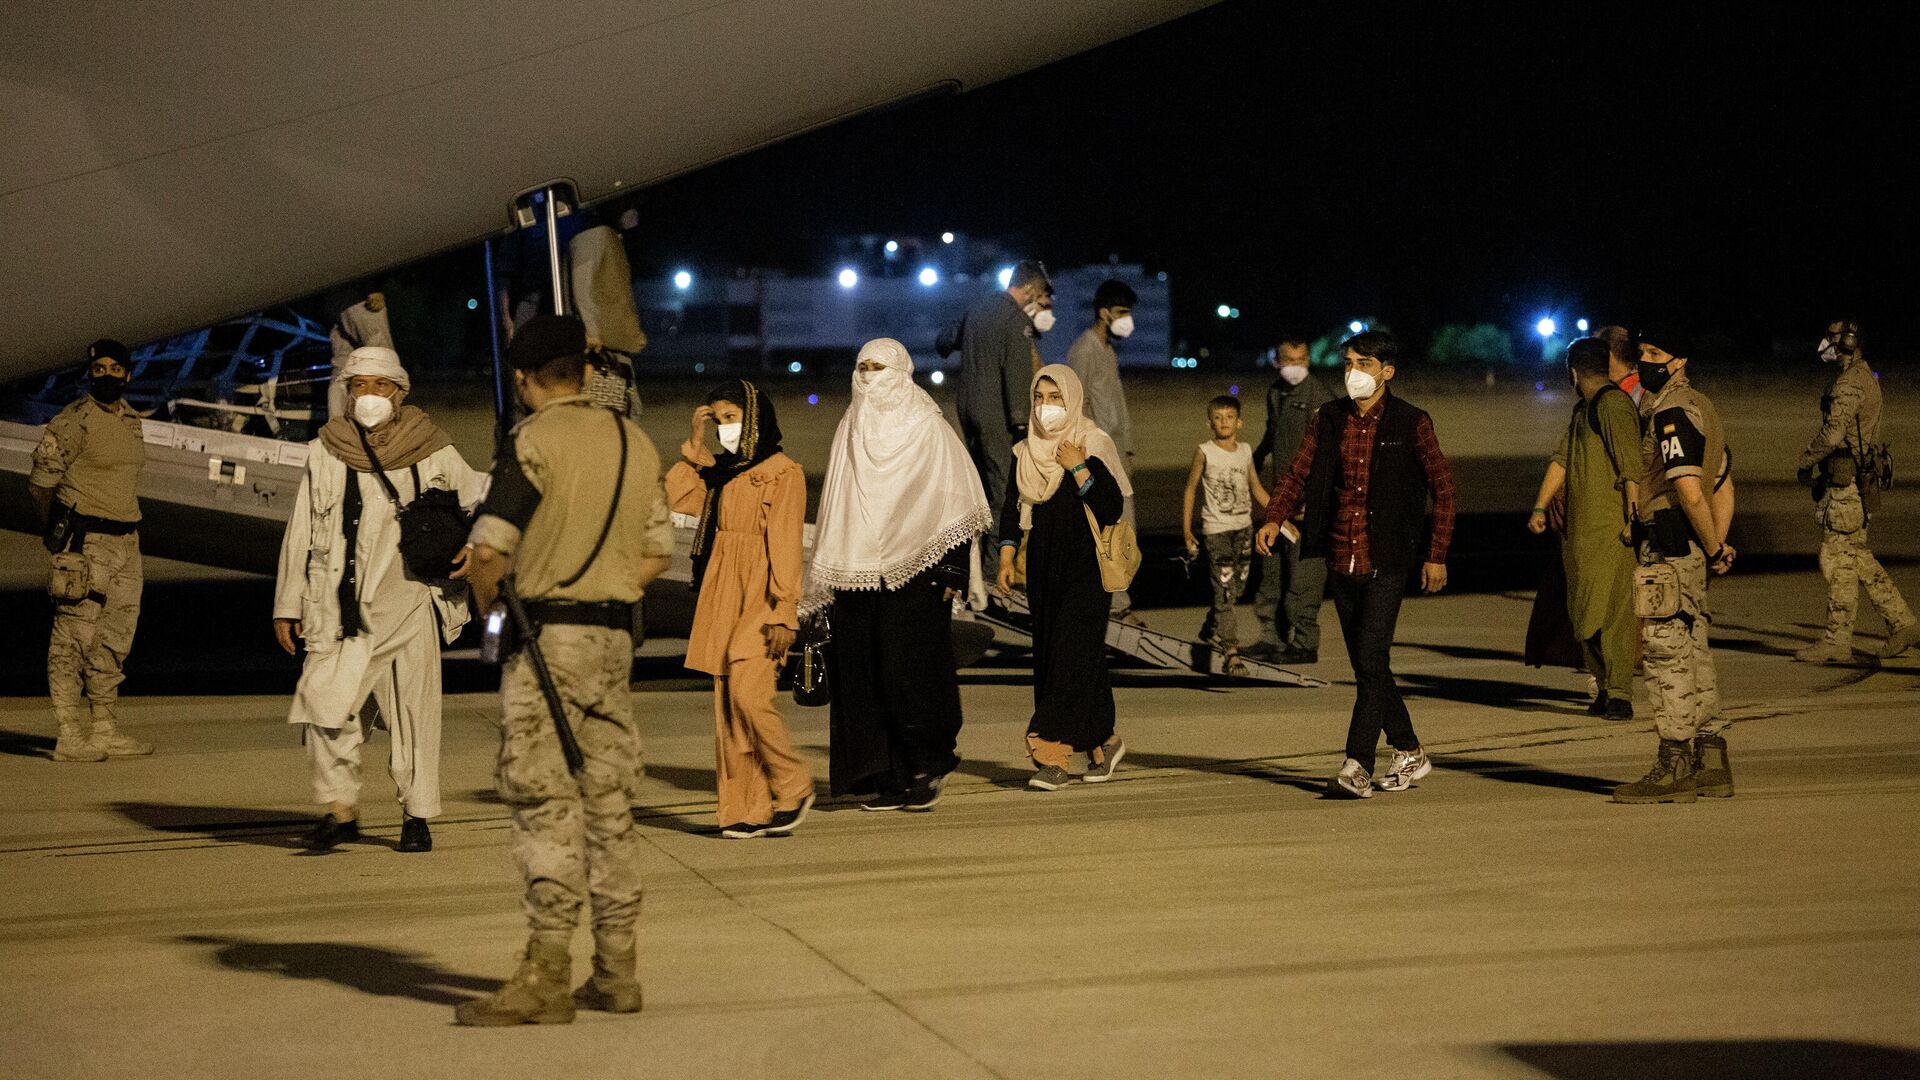 Varias personas repatriadas llegan a la pista tras bajarse del avión A400M en el que ha sido evacuados de Kabul, a 19 de agosto de 2021, en Torrejón de Ardoz, Madrid - Sputnik Mundo, 1920, 28.09.2021